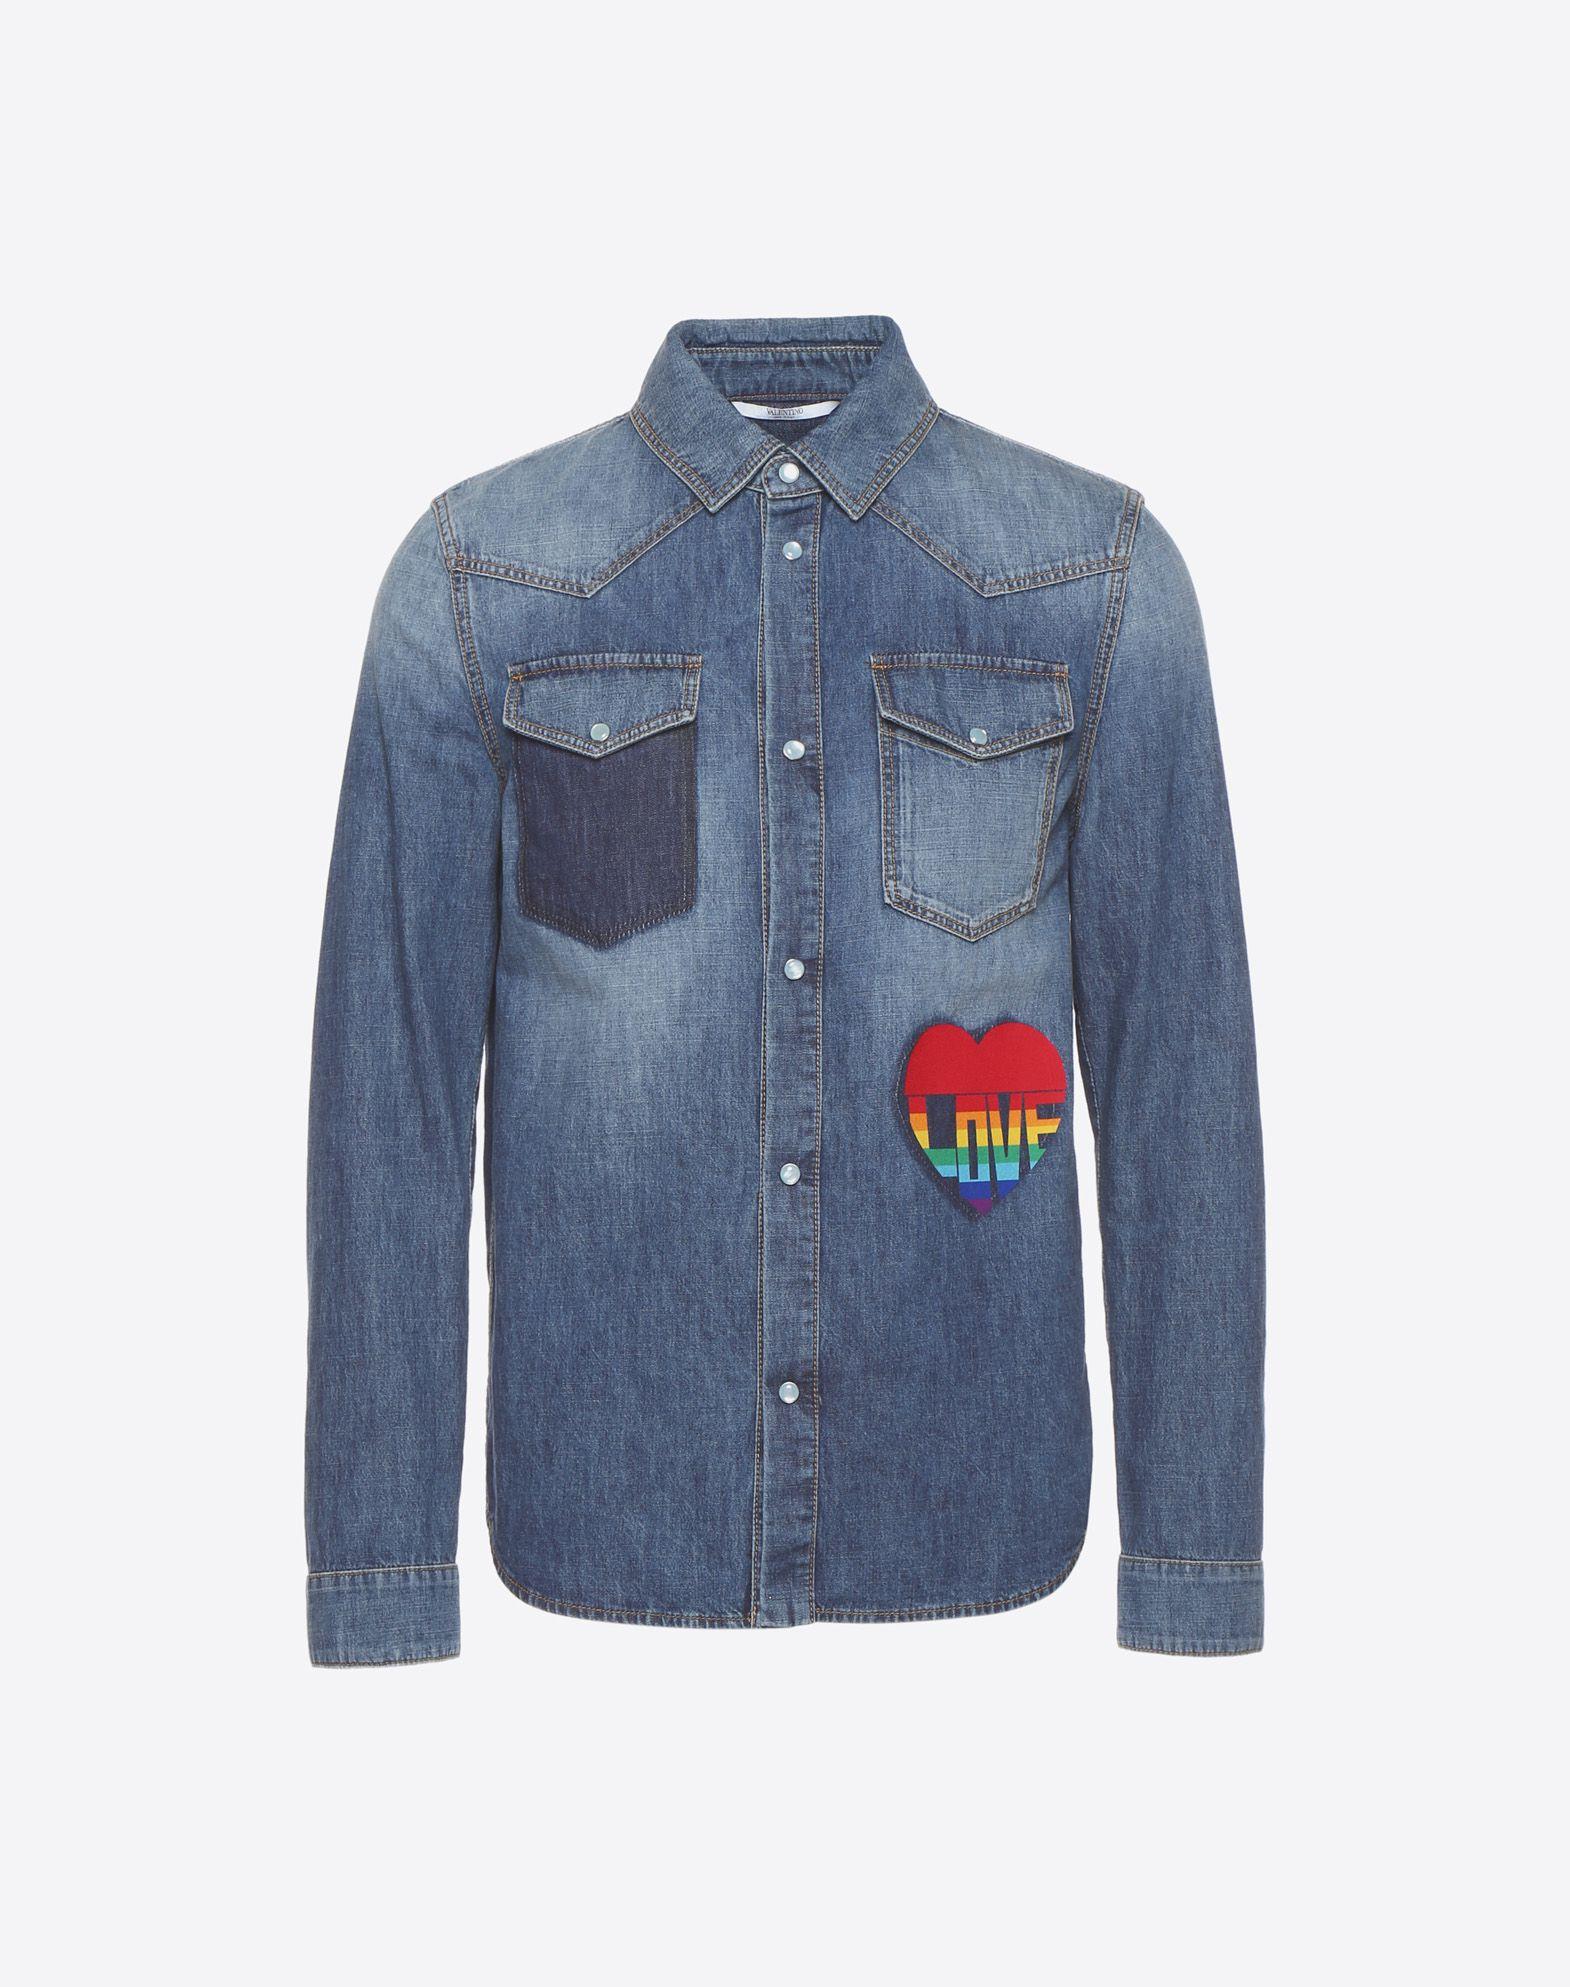 Love denim shirt